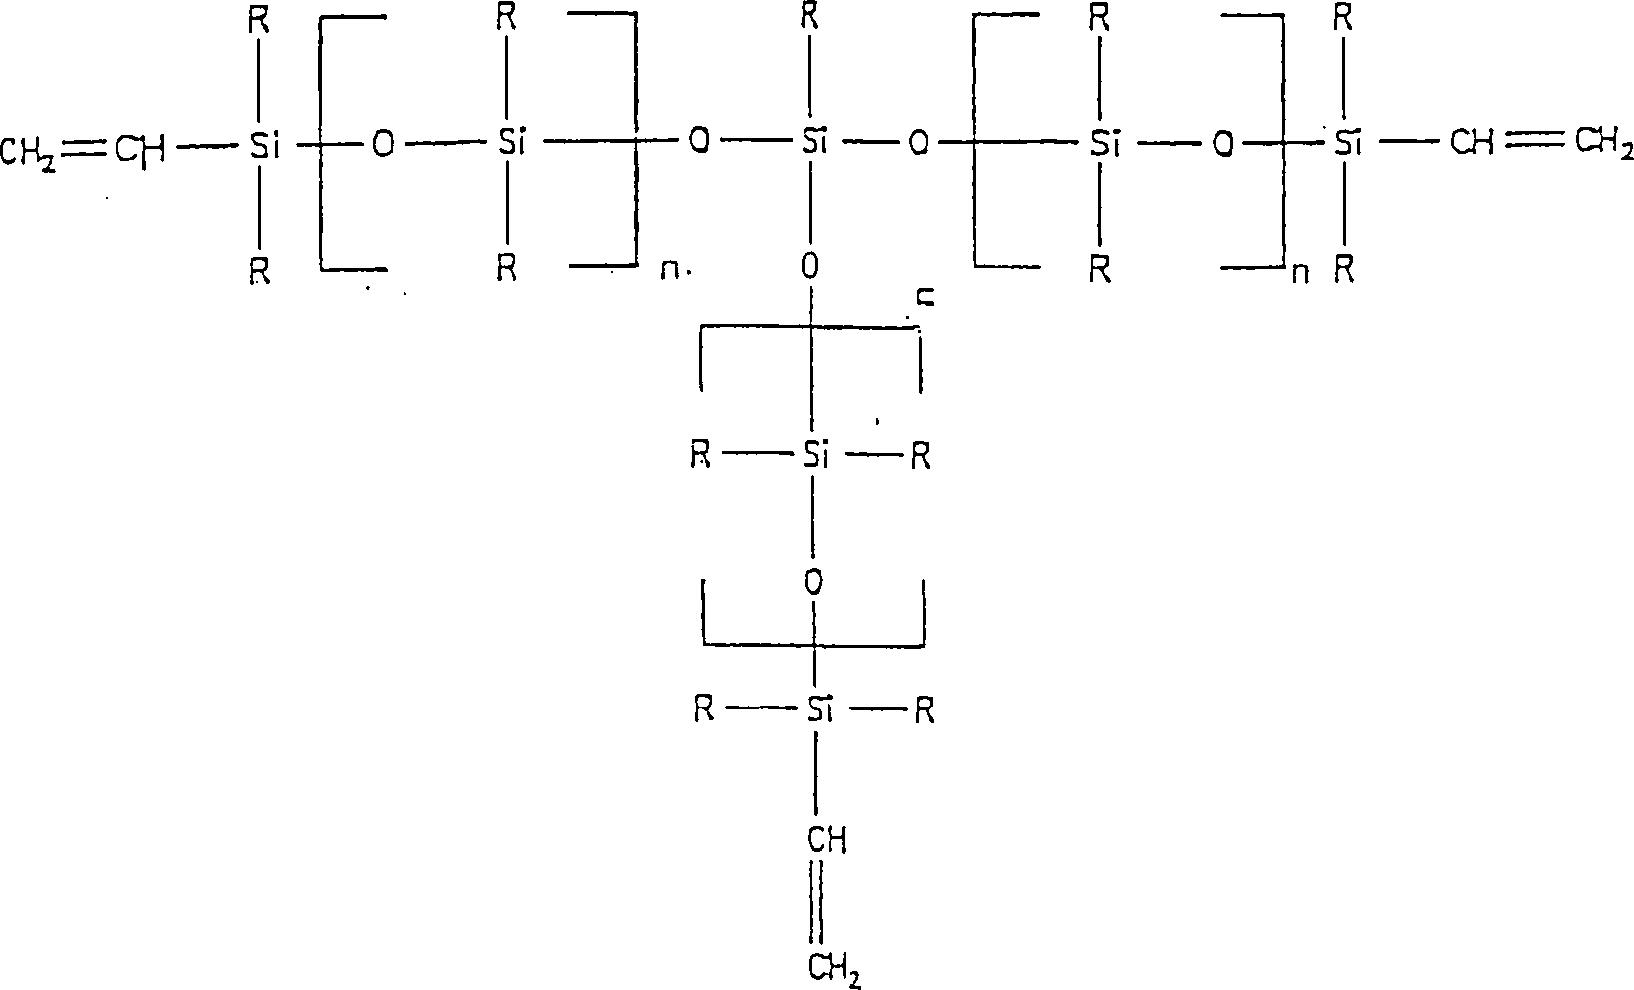 Figure DE000019719438C5_0027